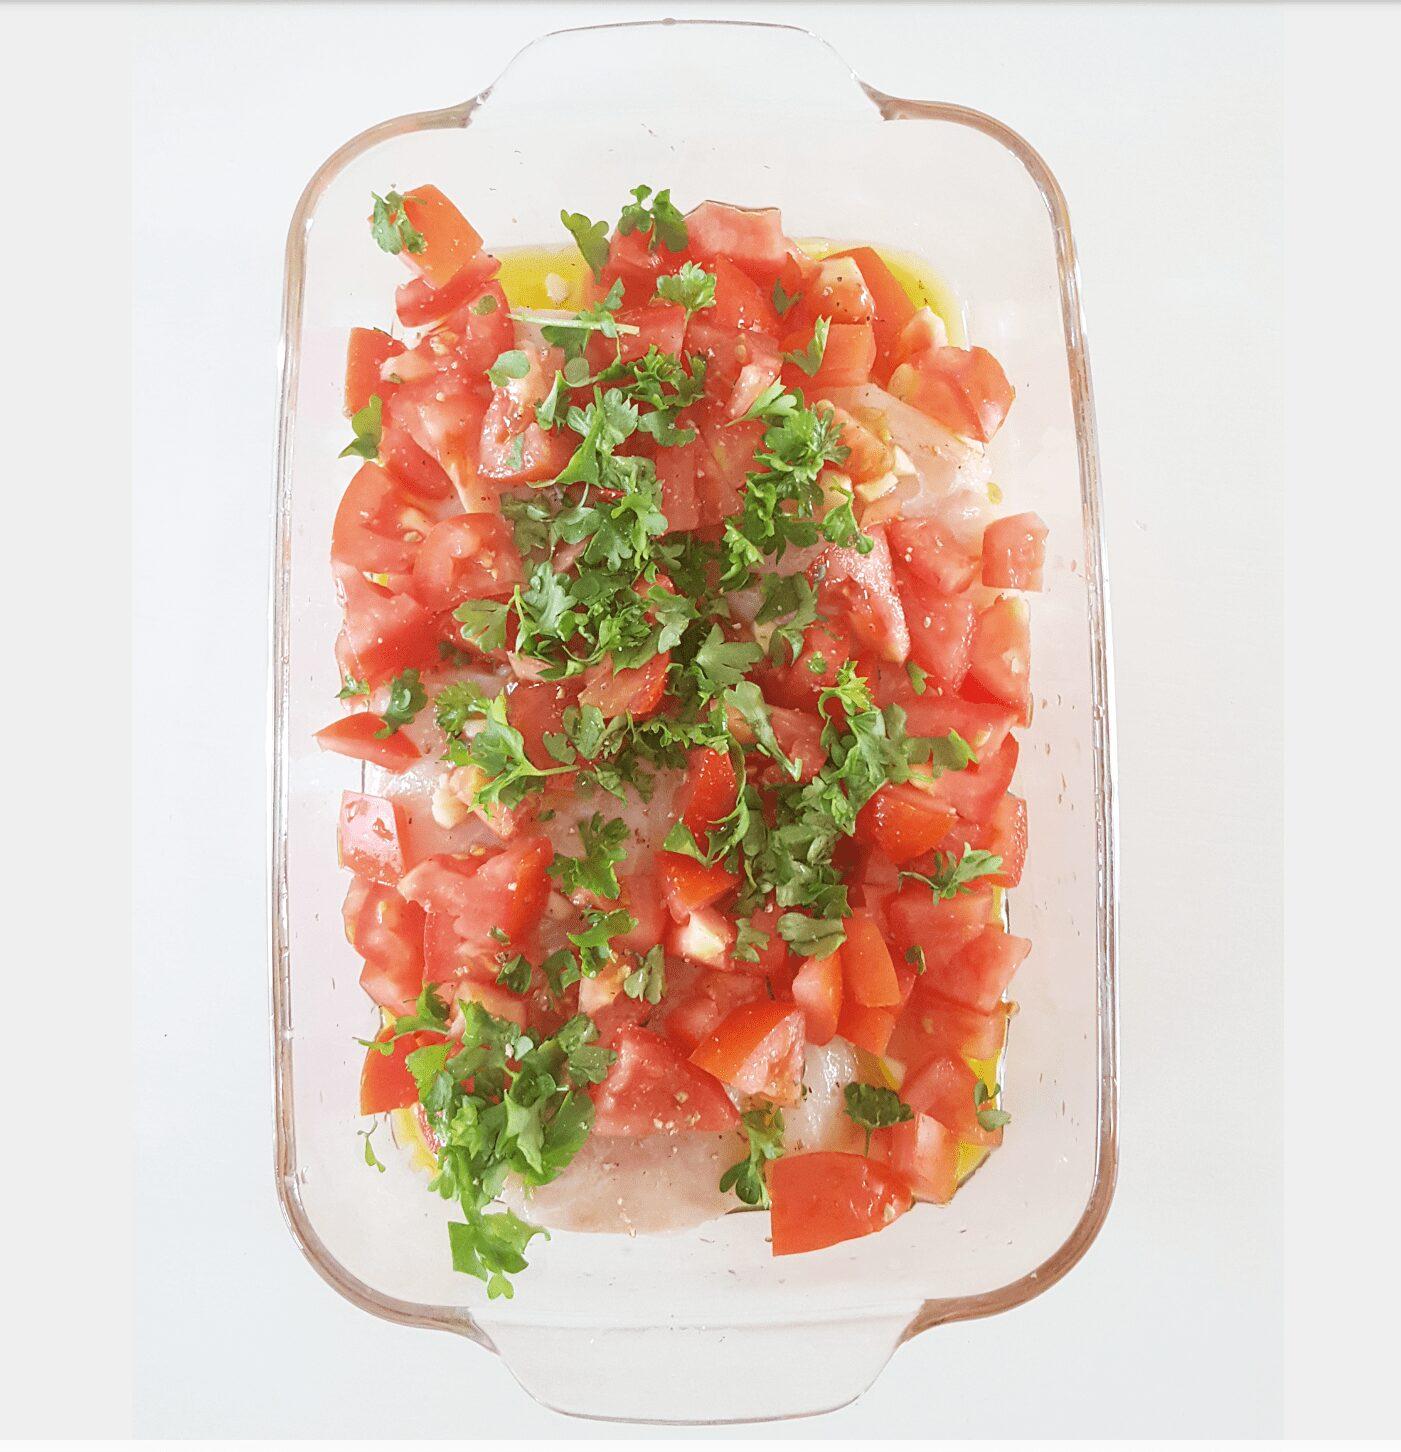 Let´s do it Personal training. Personal trainer aan huis. Kabeljauw met tomaatjes uit de oven1